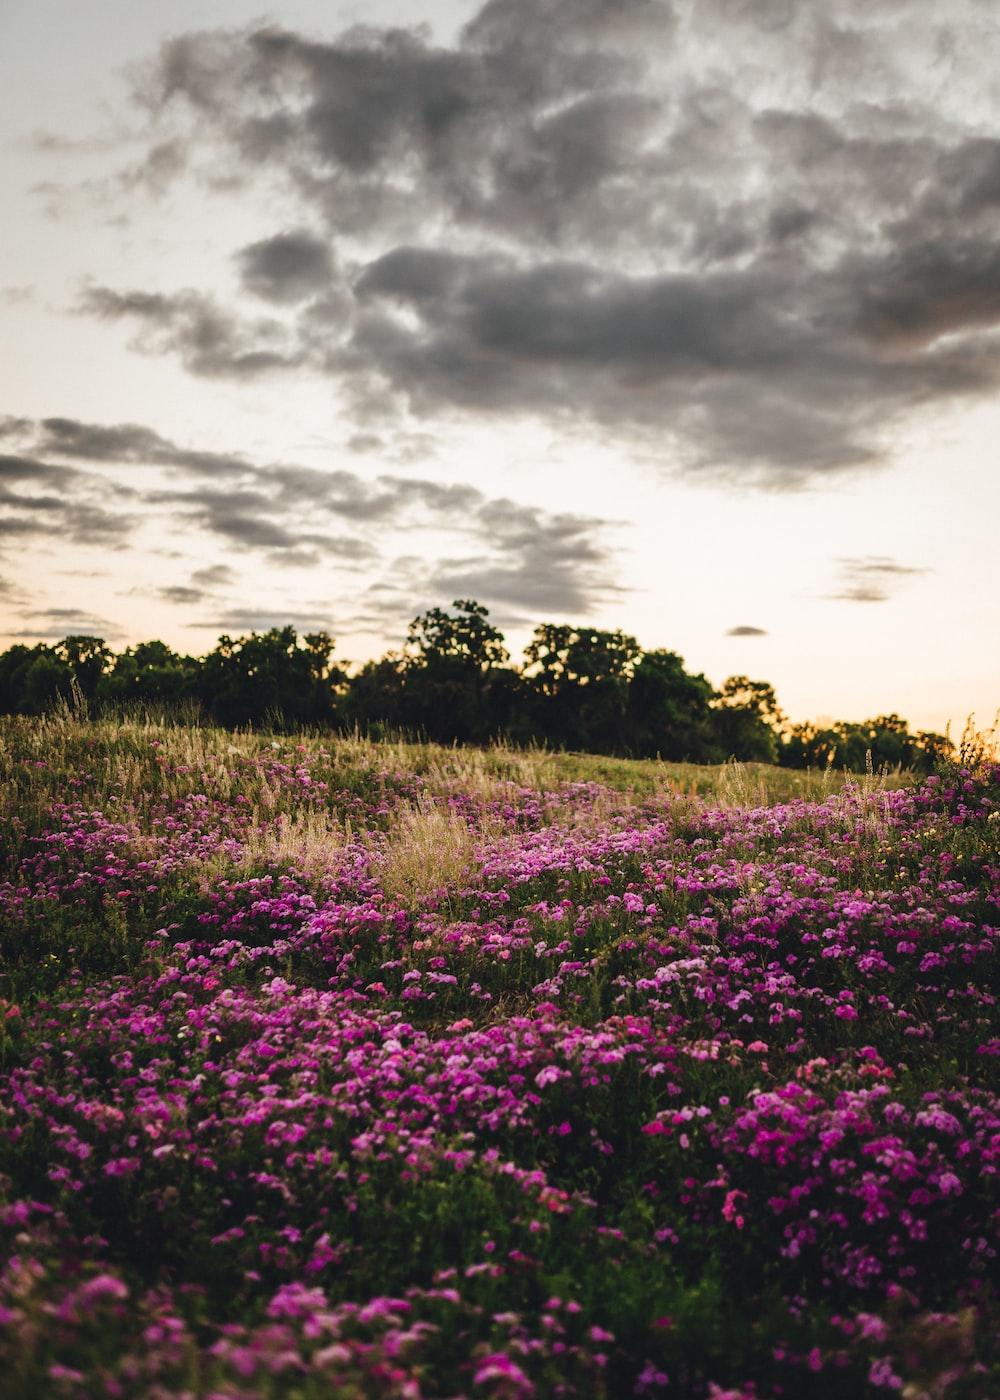 purple flower field under cloudy sky